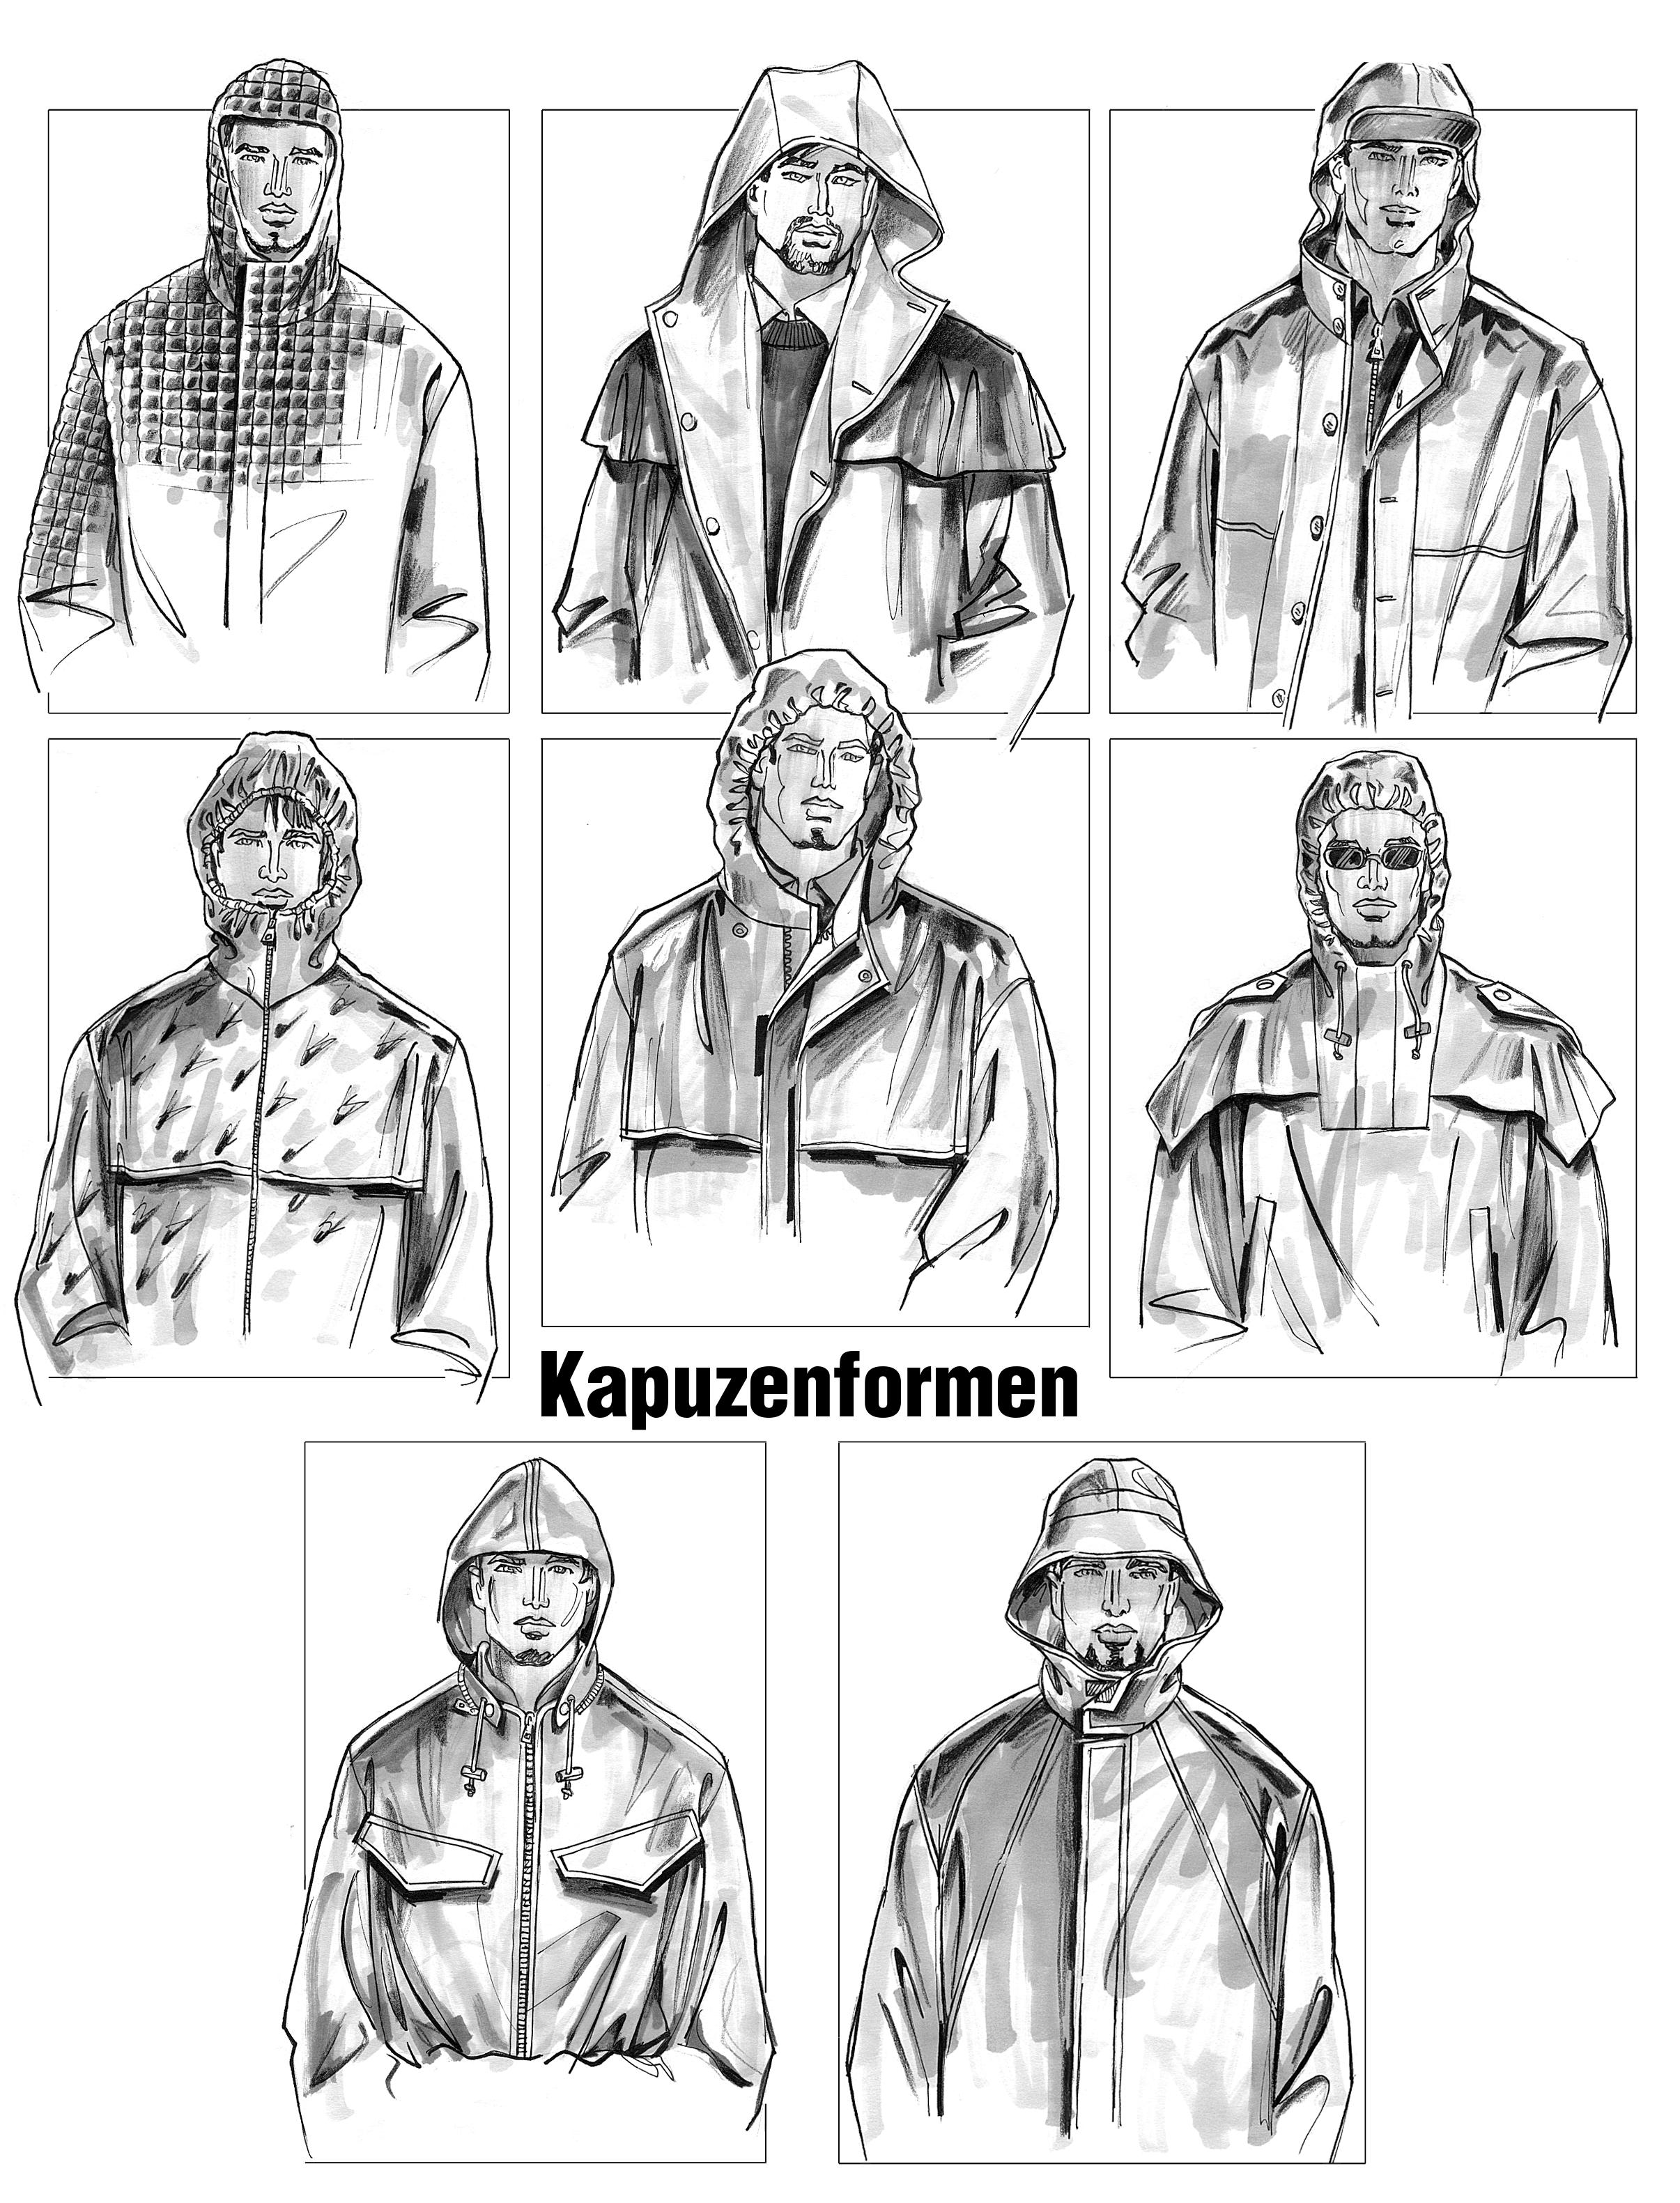 Kapuzenformen für Herrenmode